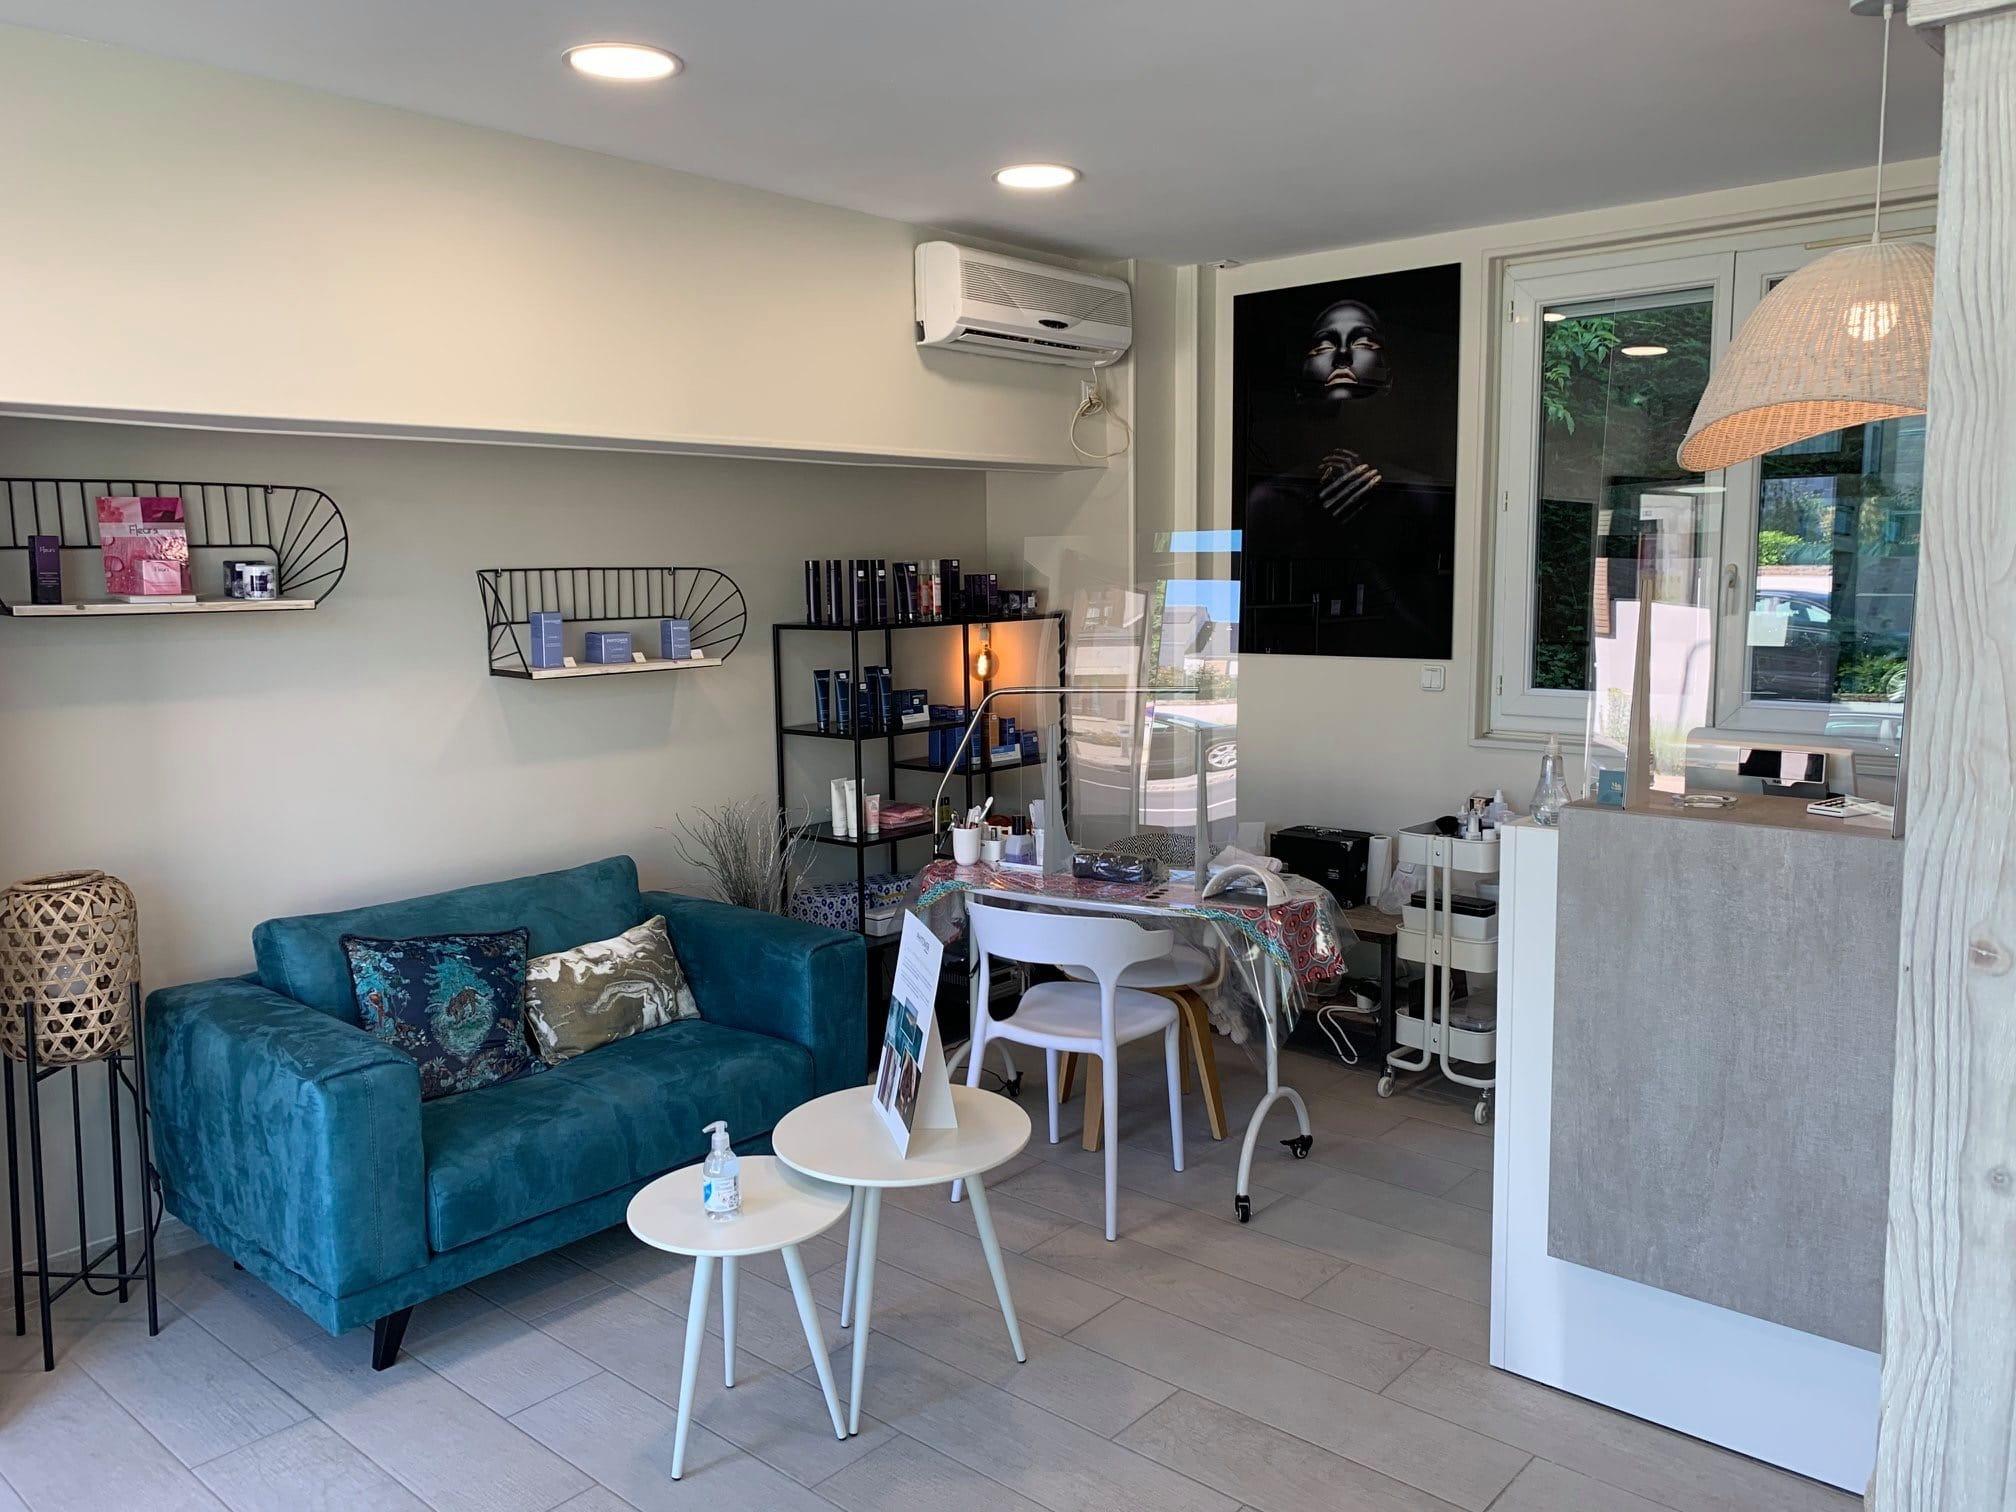 Rénovation : transformation d'un salon de coiffure en salon esthétique à Orléans (45)